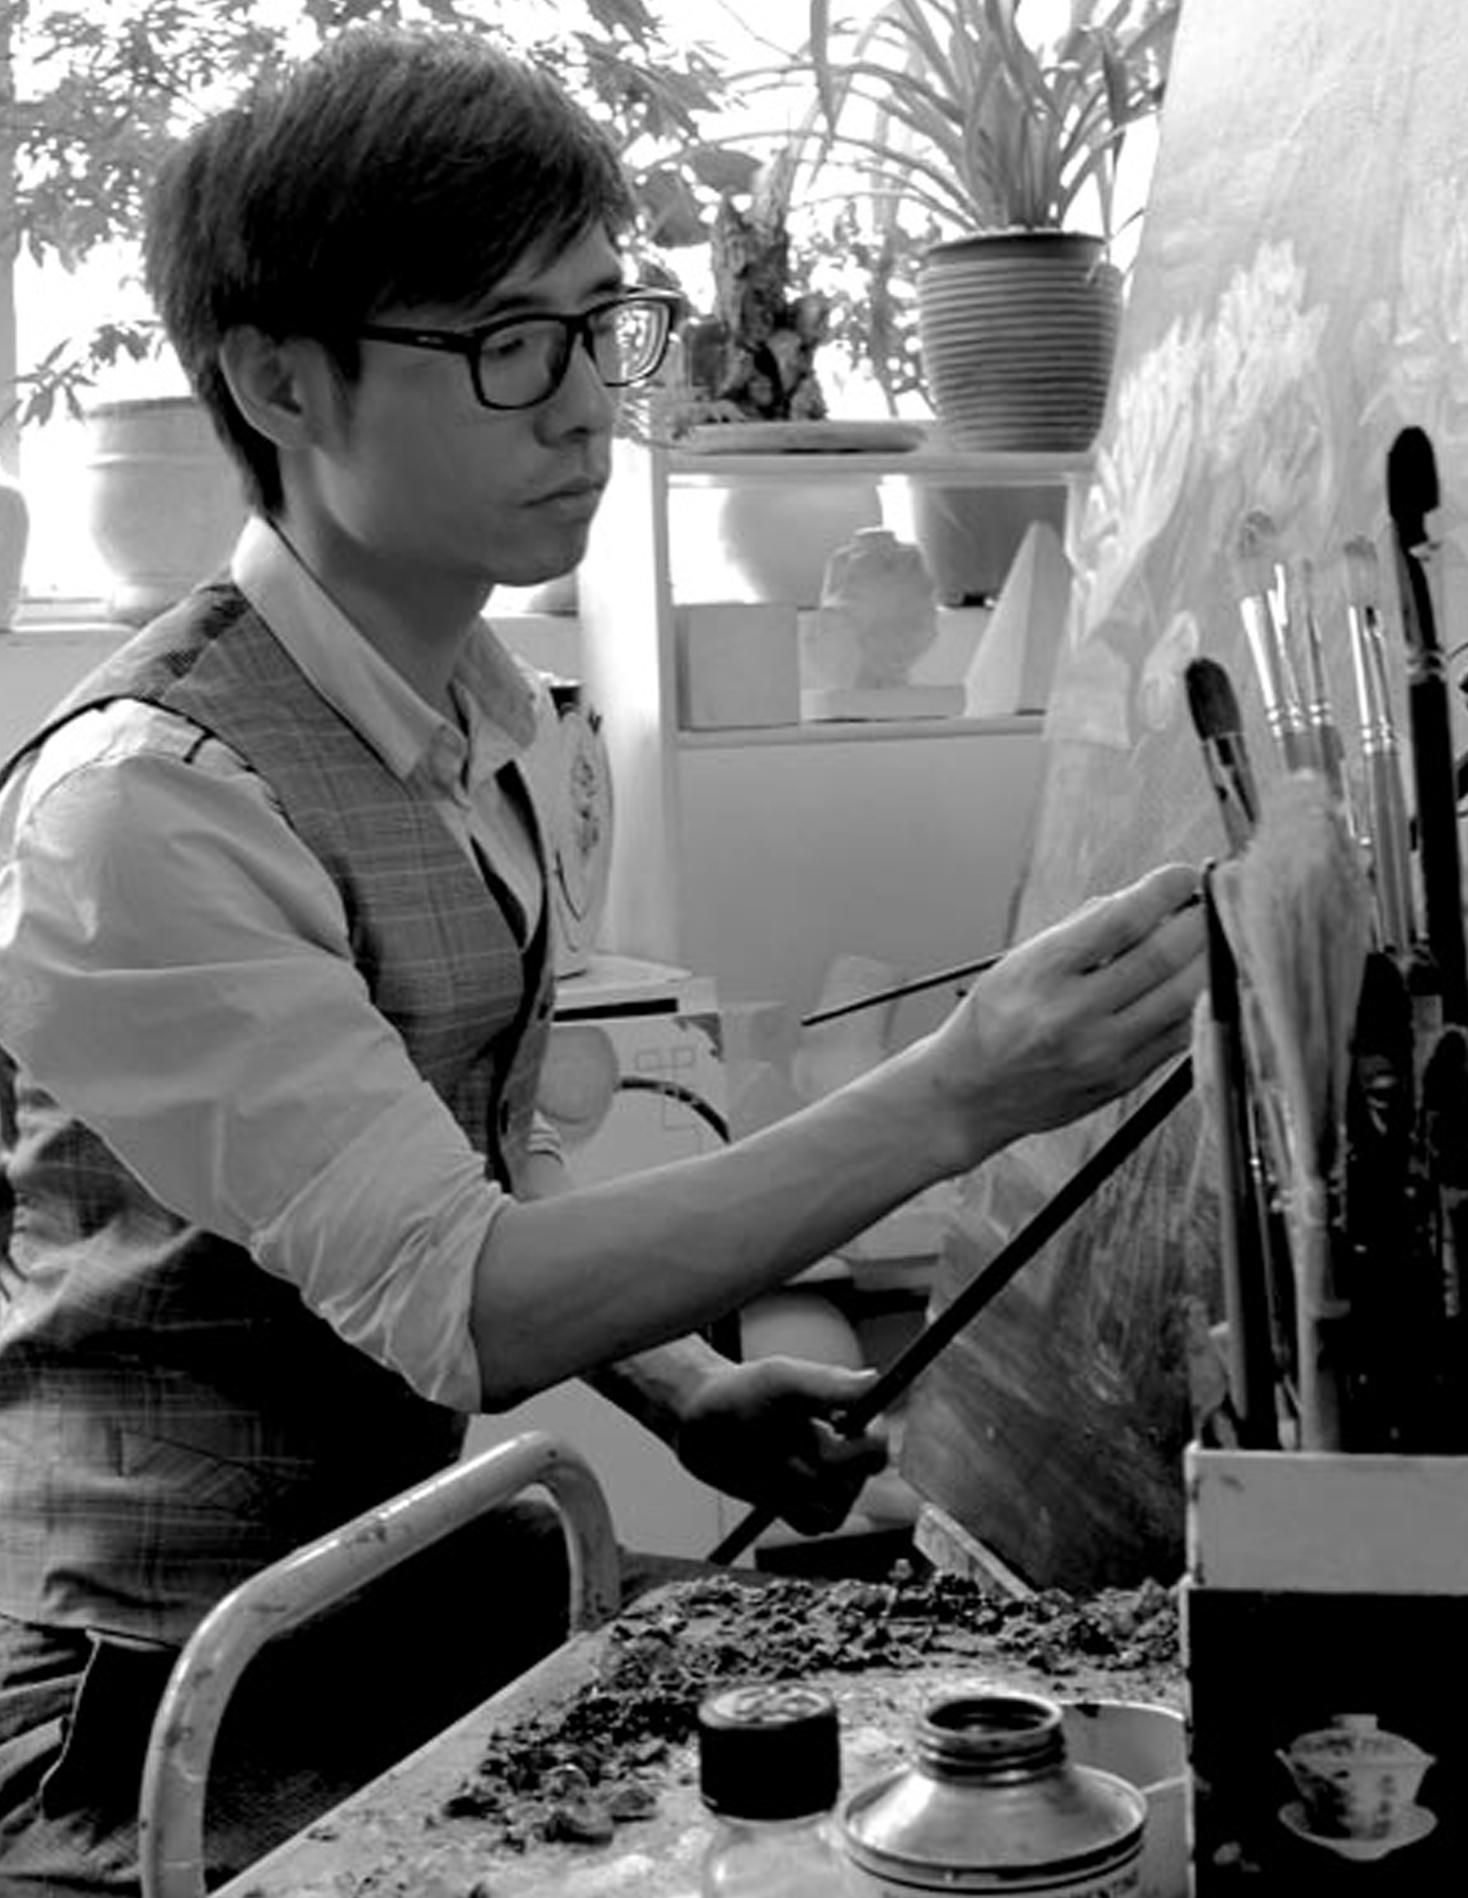 Yinjie Sun